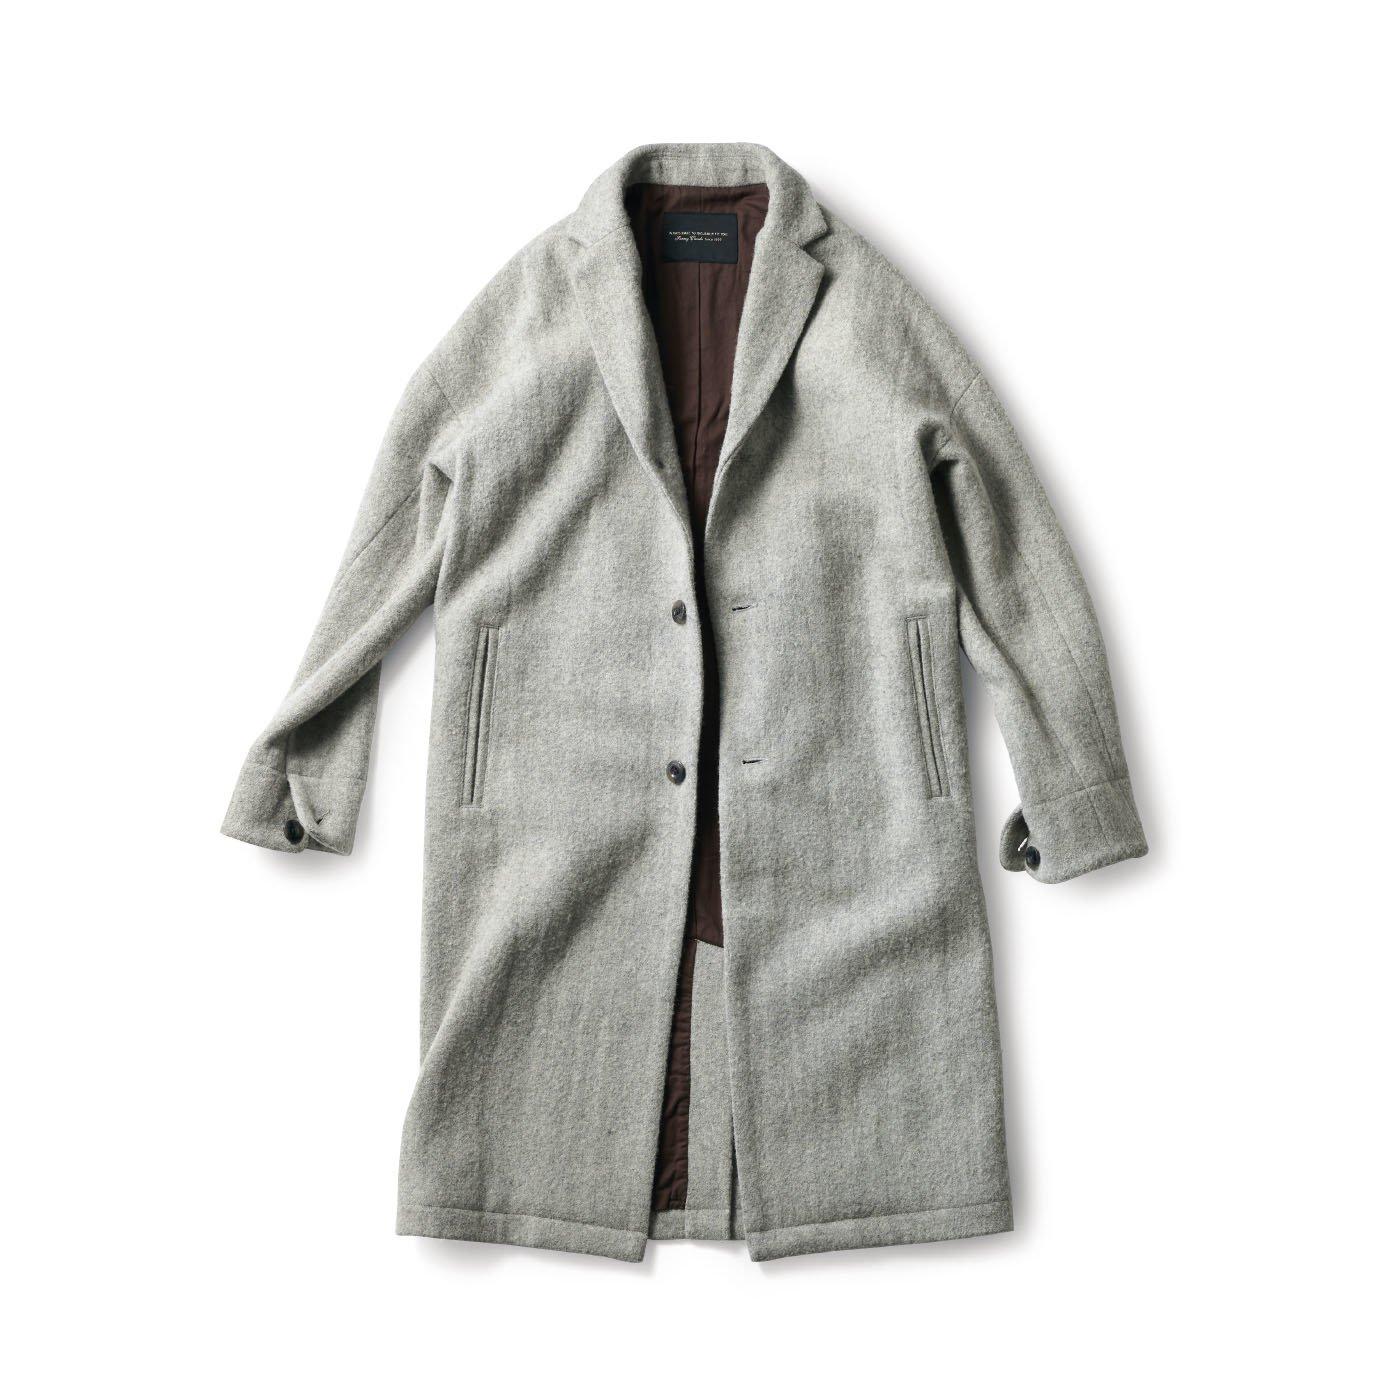 SUNNY CLOUDS  グレーツイードのチェスターコート〈メンズ〉